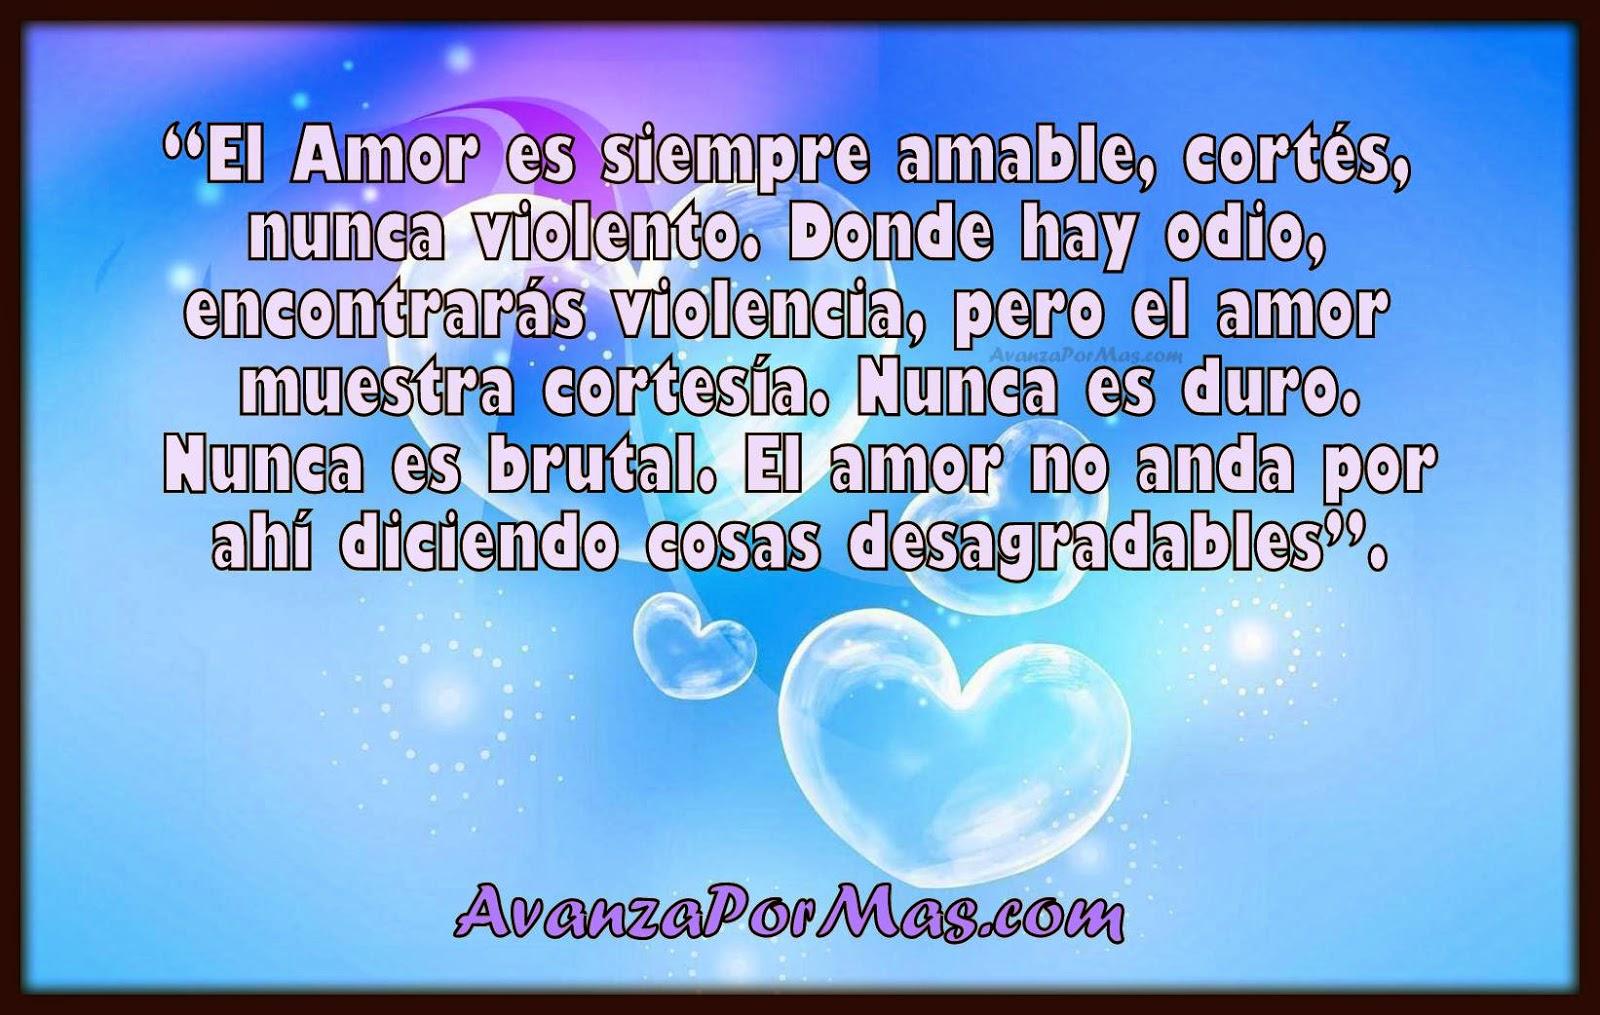 Imagenes Cristianas Con Frases De Aliento El Amor Es Siempre Amable